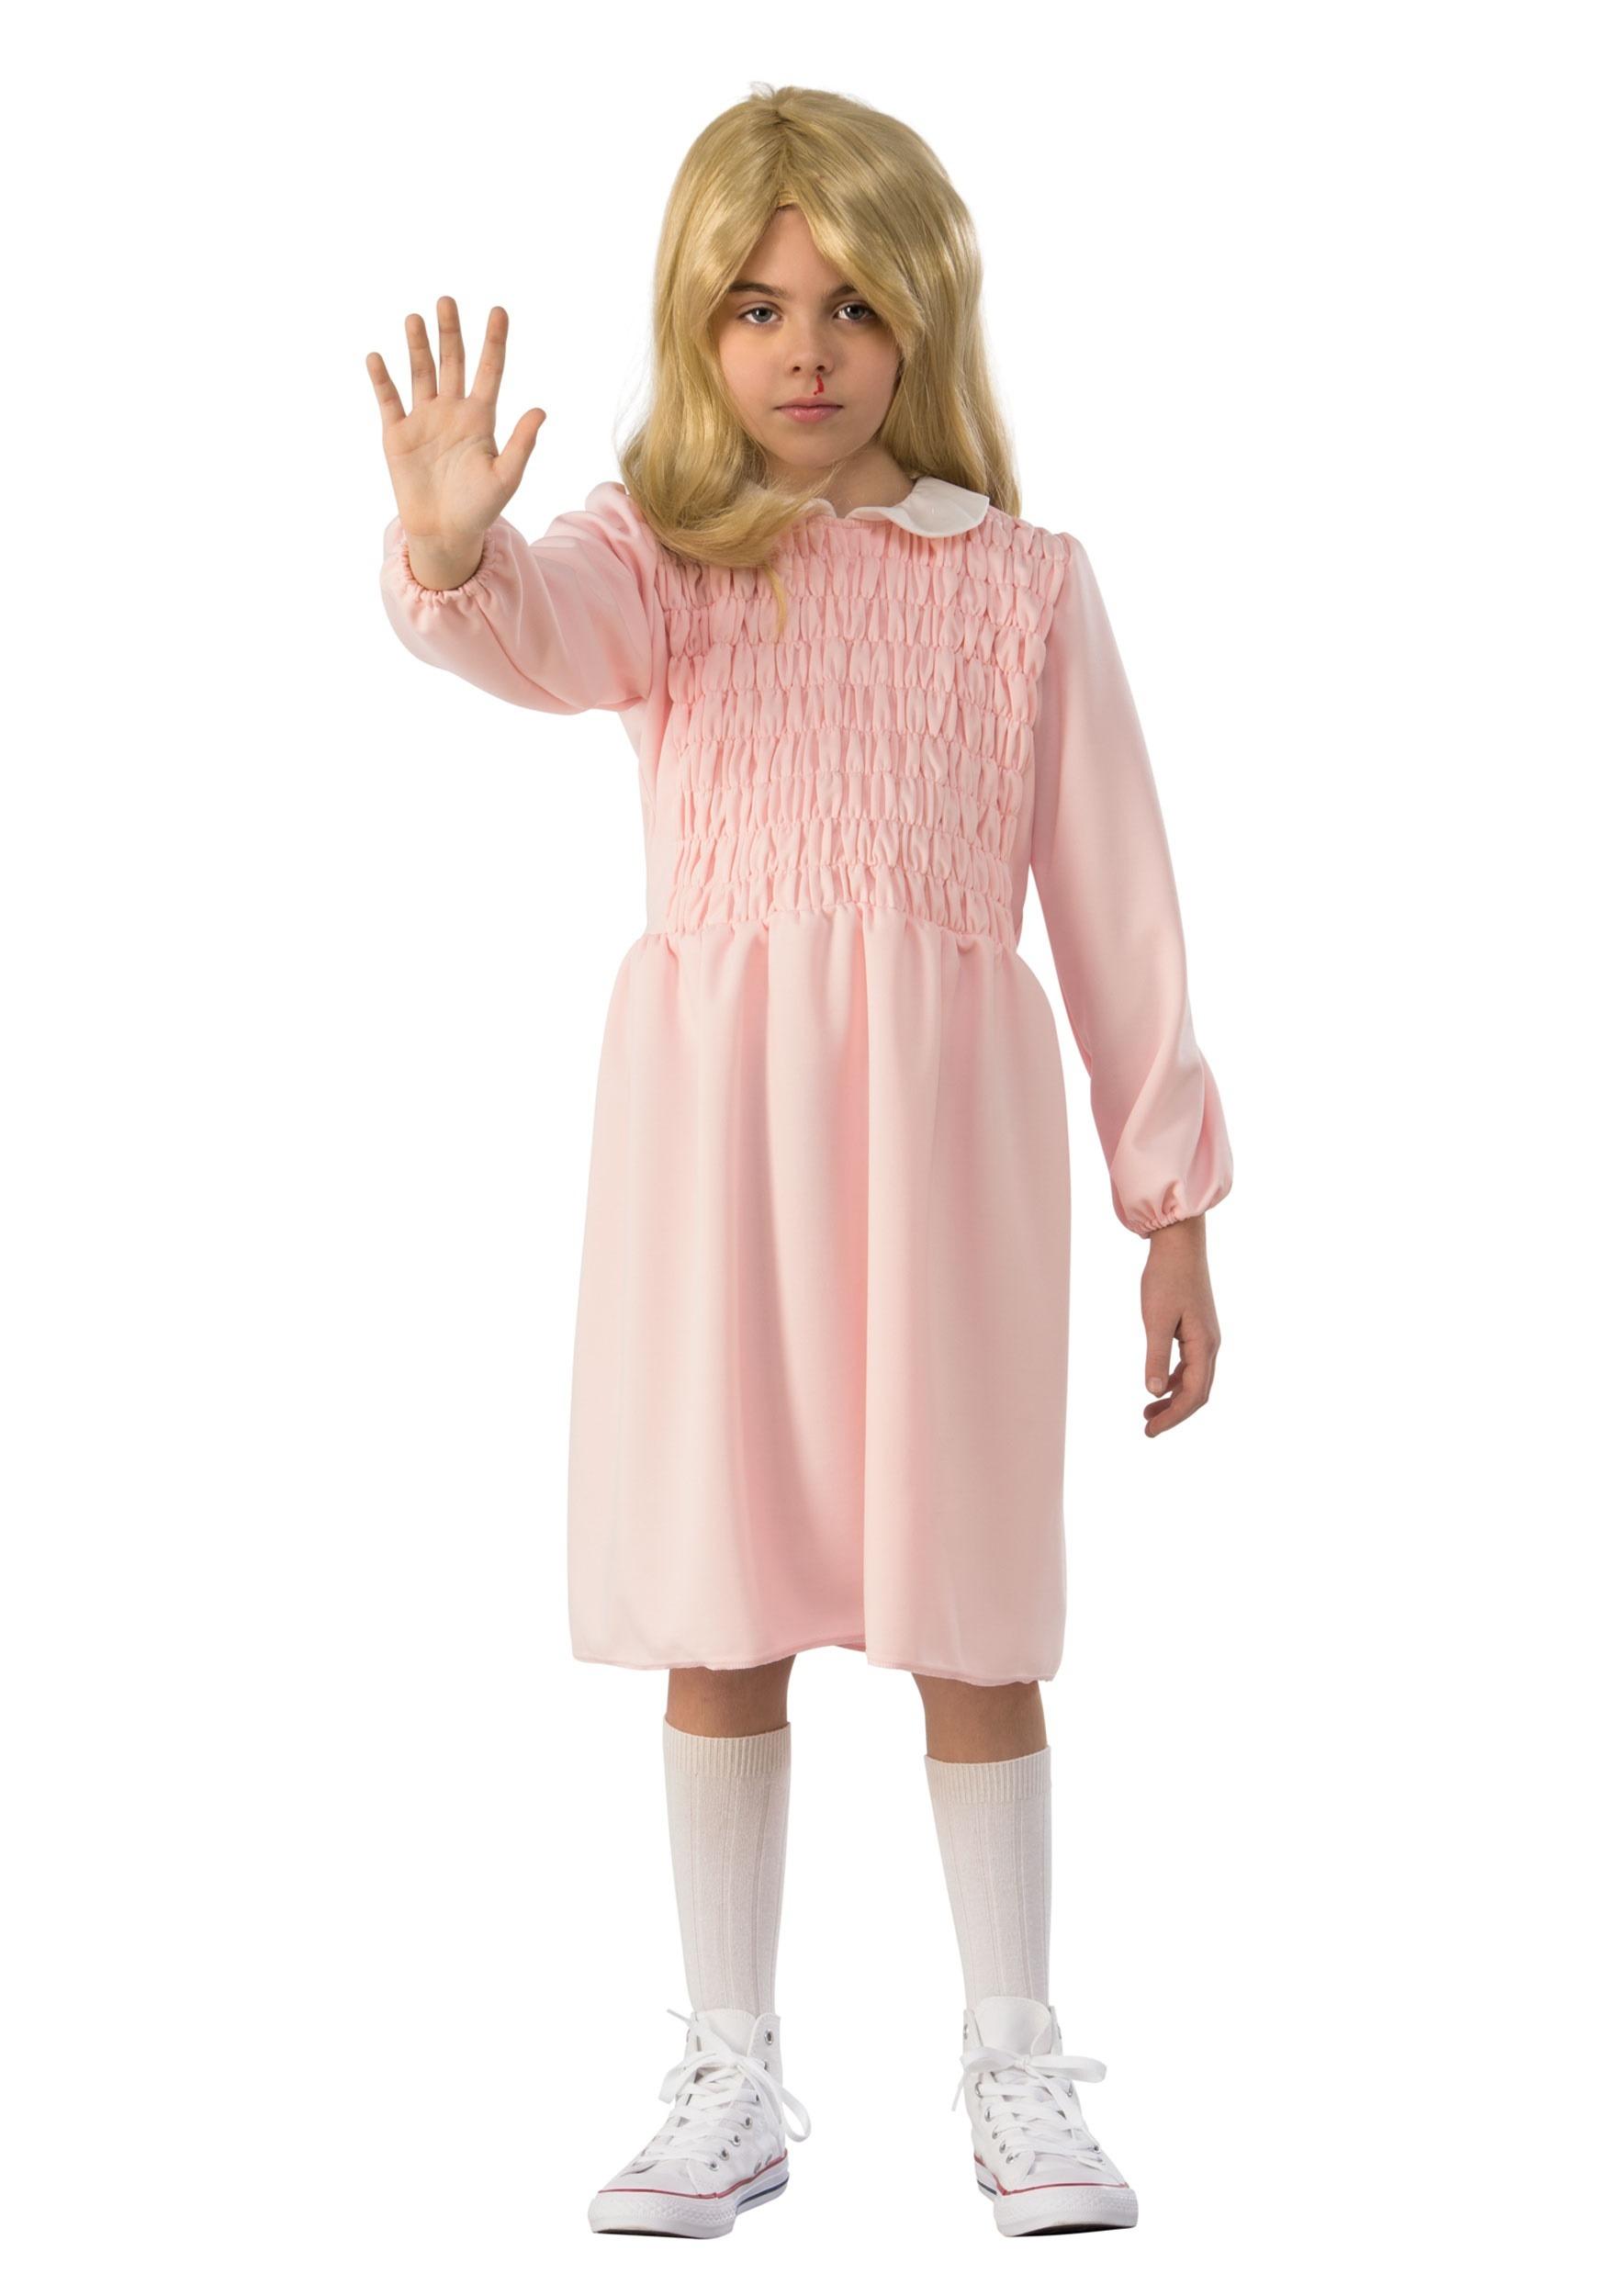 Stranger Things Eleven Long Sleeve Dress Child Costume 2d0375835744